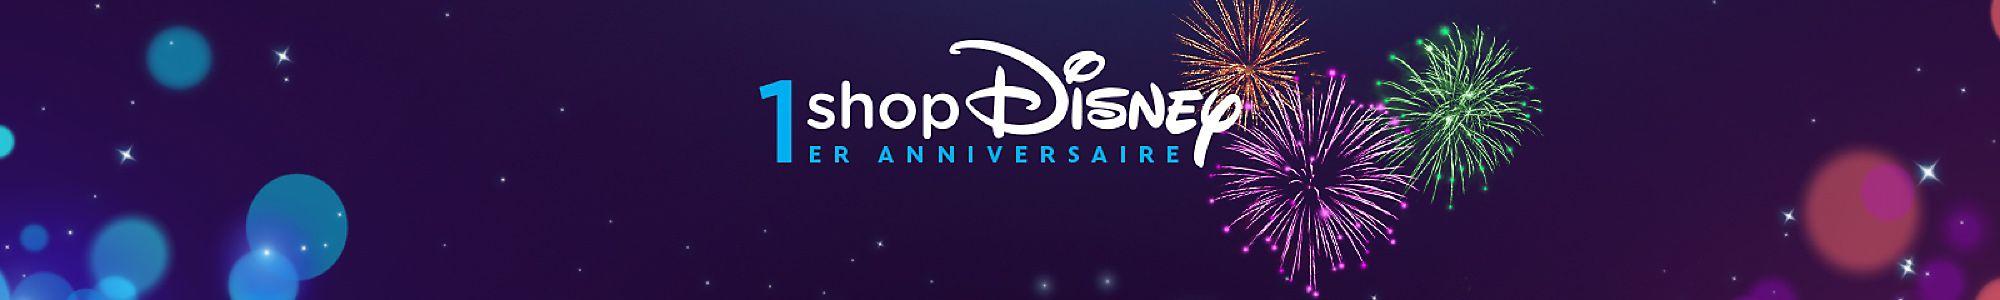 shopDisney fête ses 1 an ! Des nouveautés, offres spéciales et jeux-concours vous attendent ! | En ligne seulement